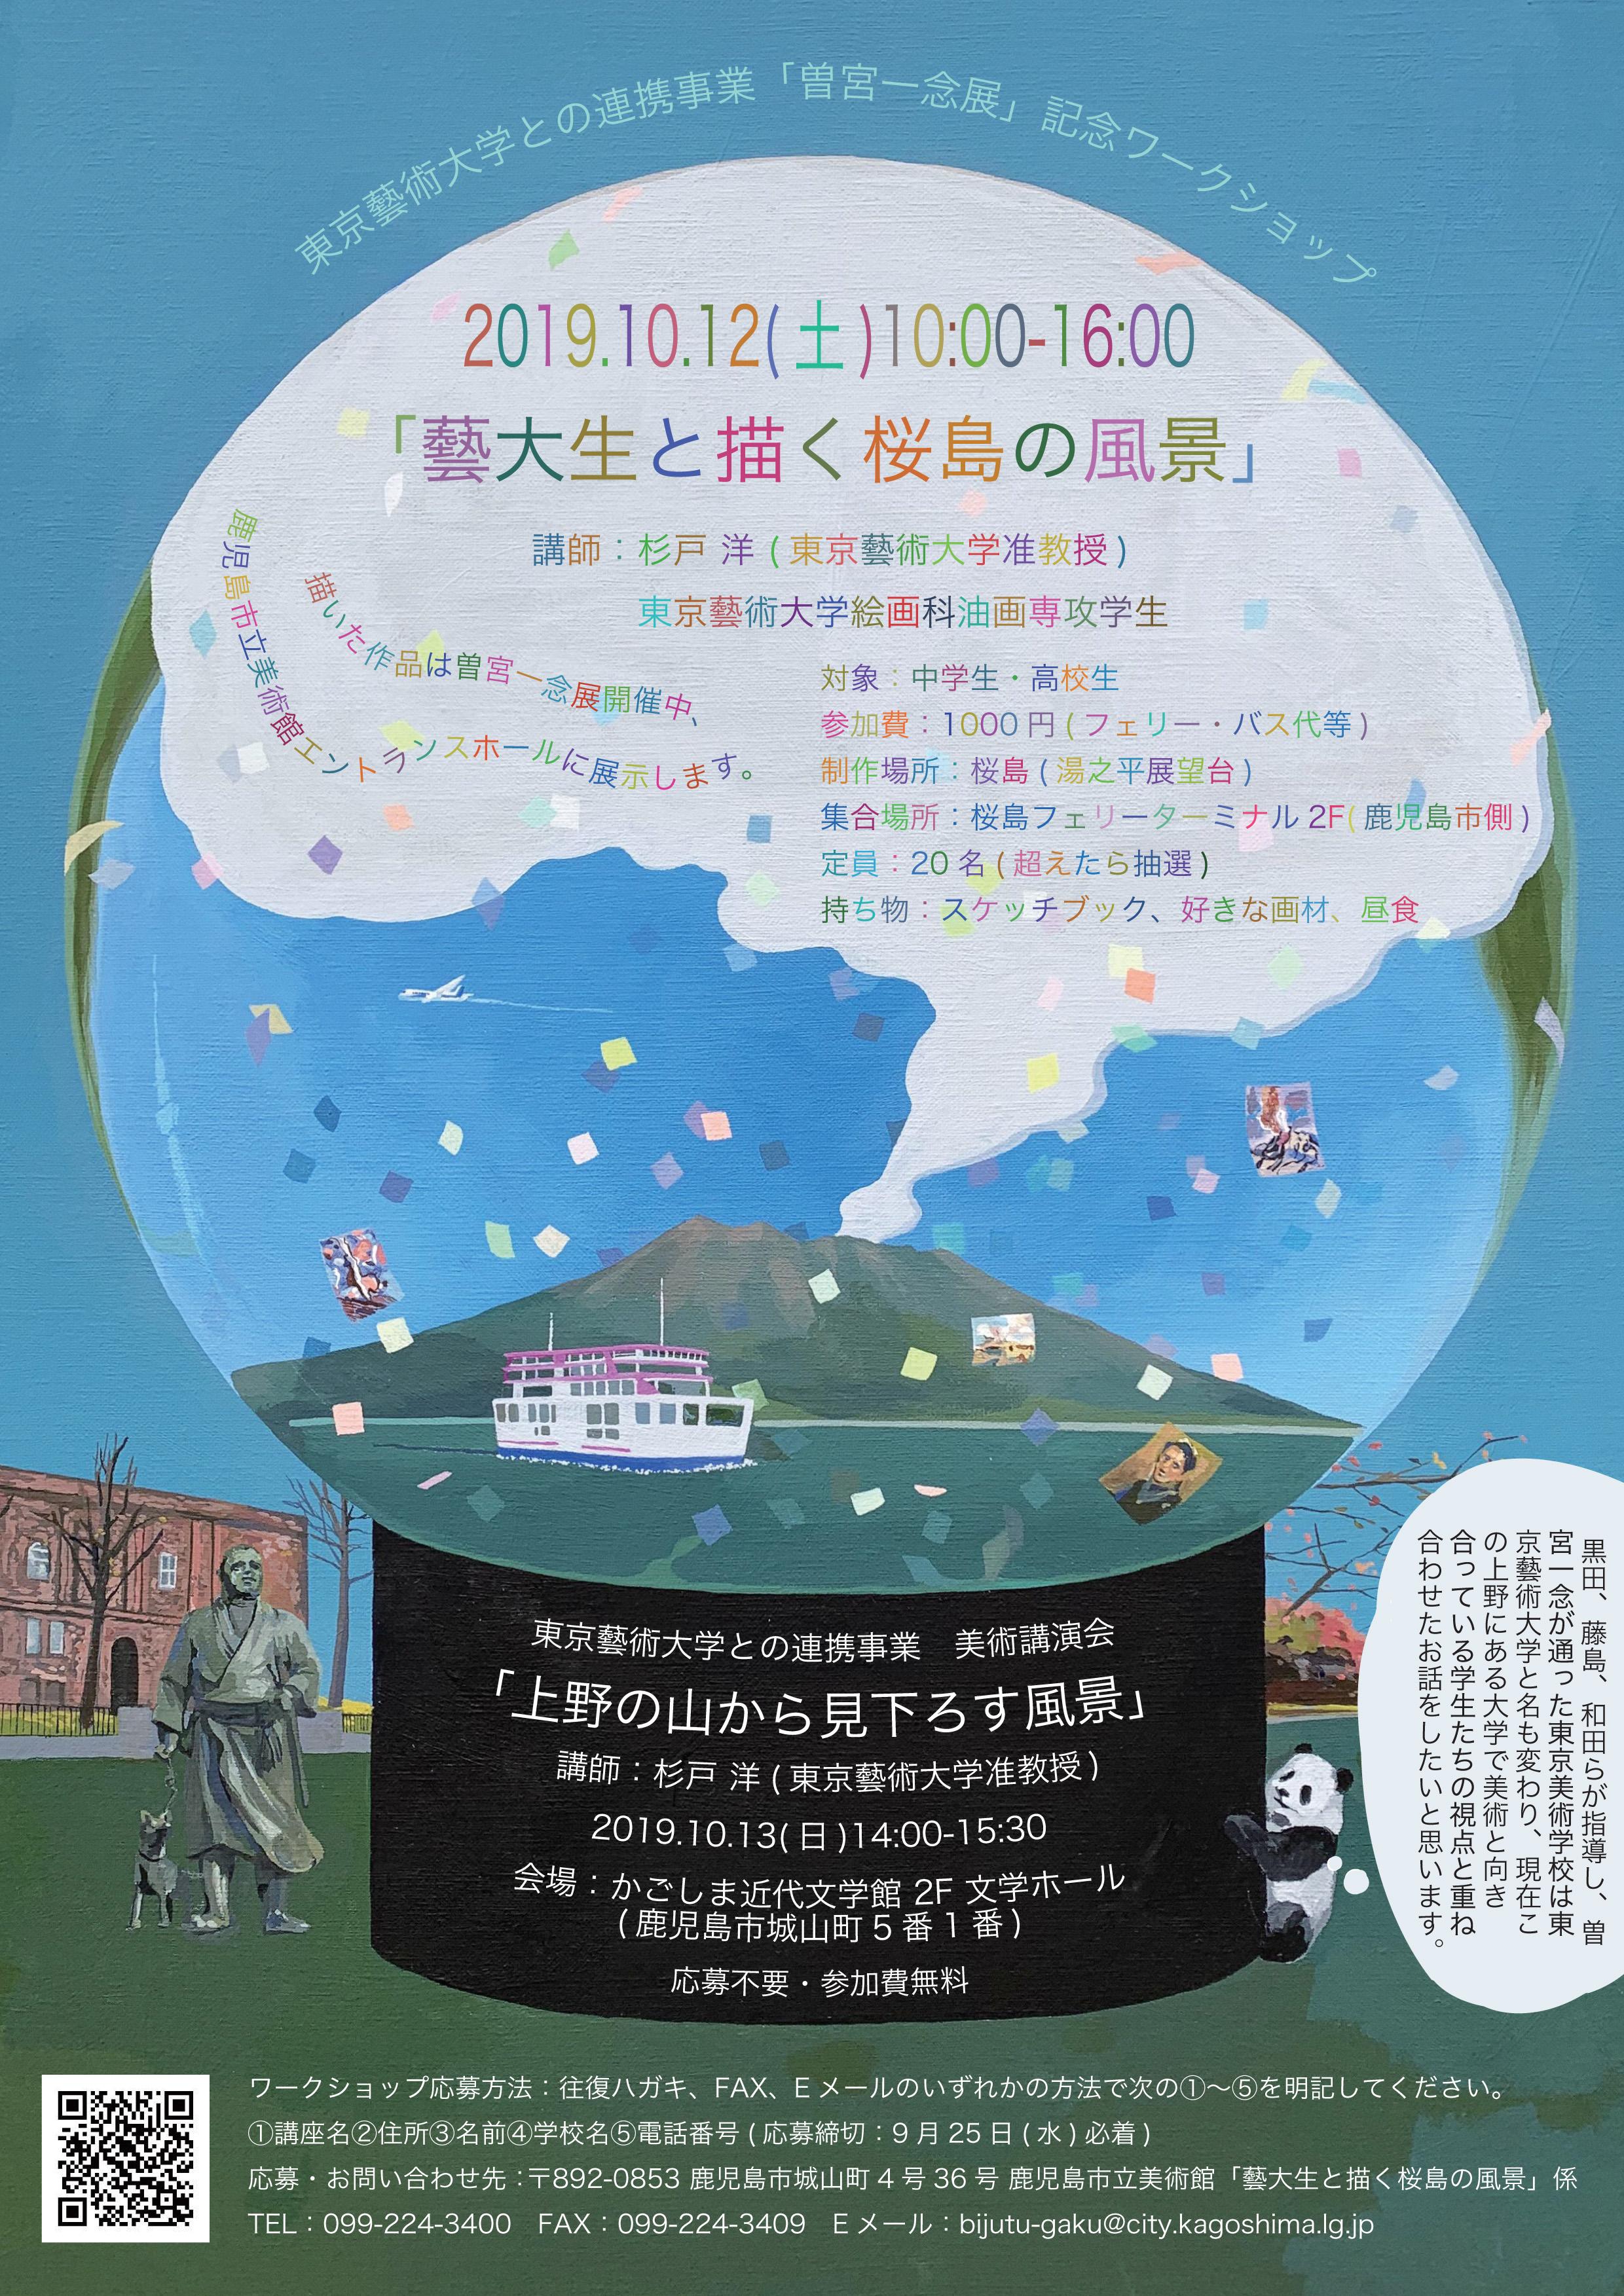 東京藝術大学との連携事業 美術講演会 「上野の山から見下ろす風景」 講師:杉戸 洋 氏(東京藝術大学准教授)